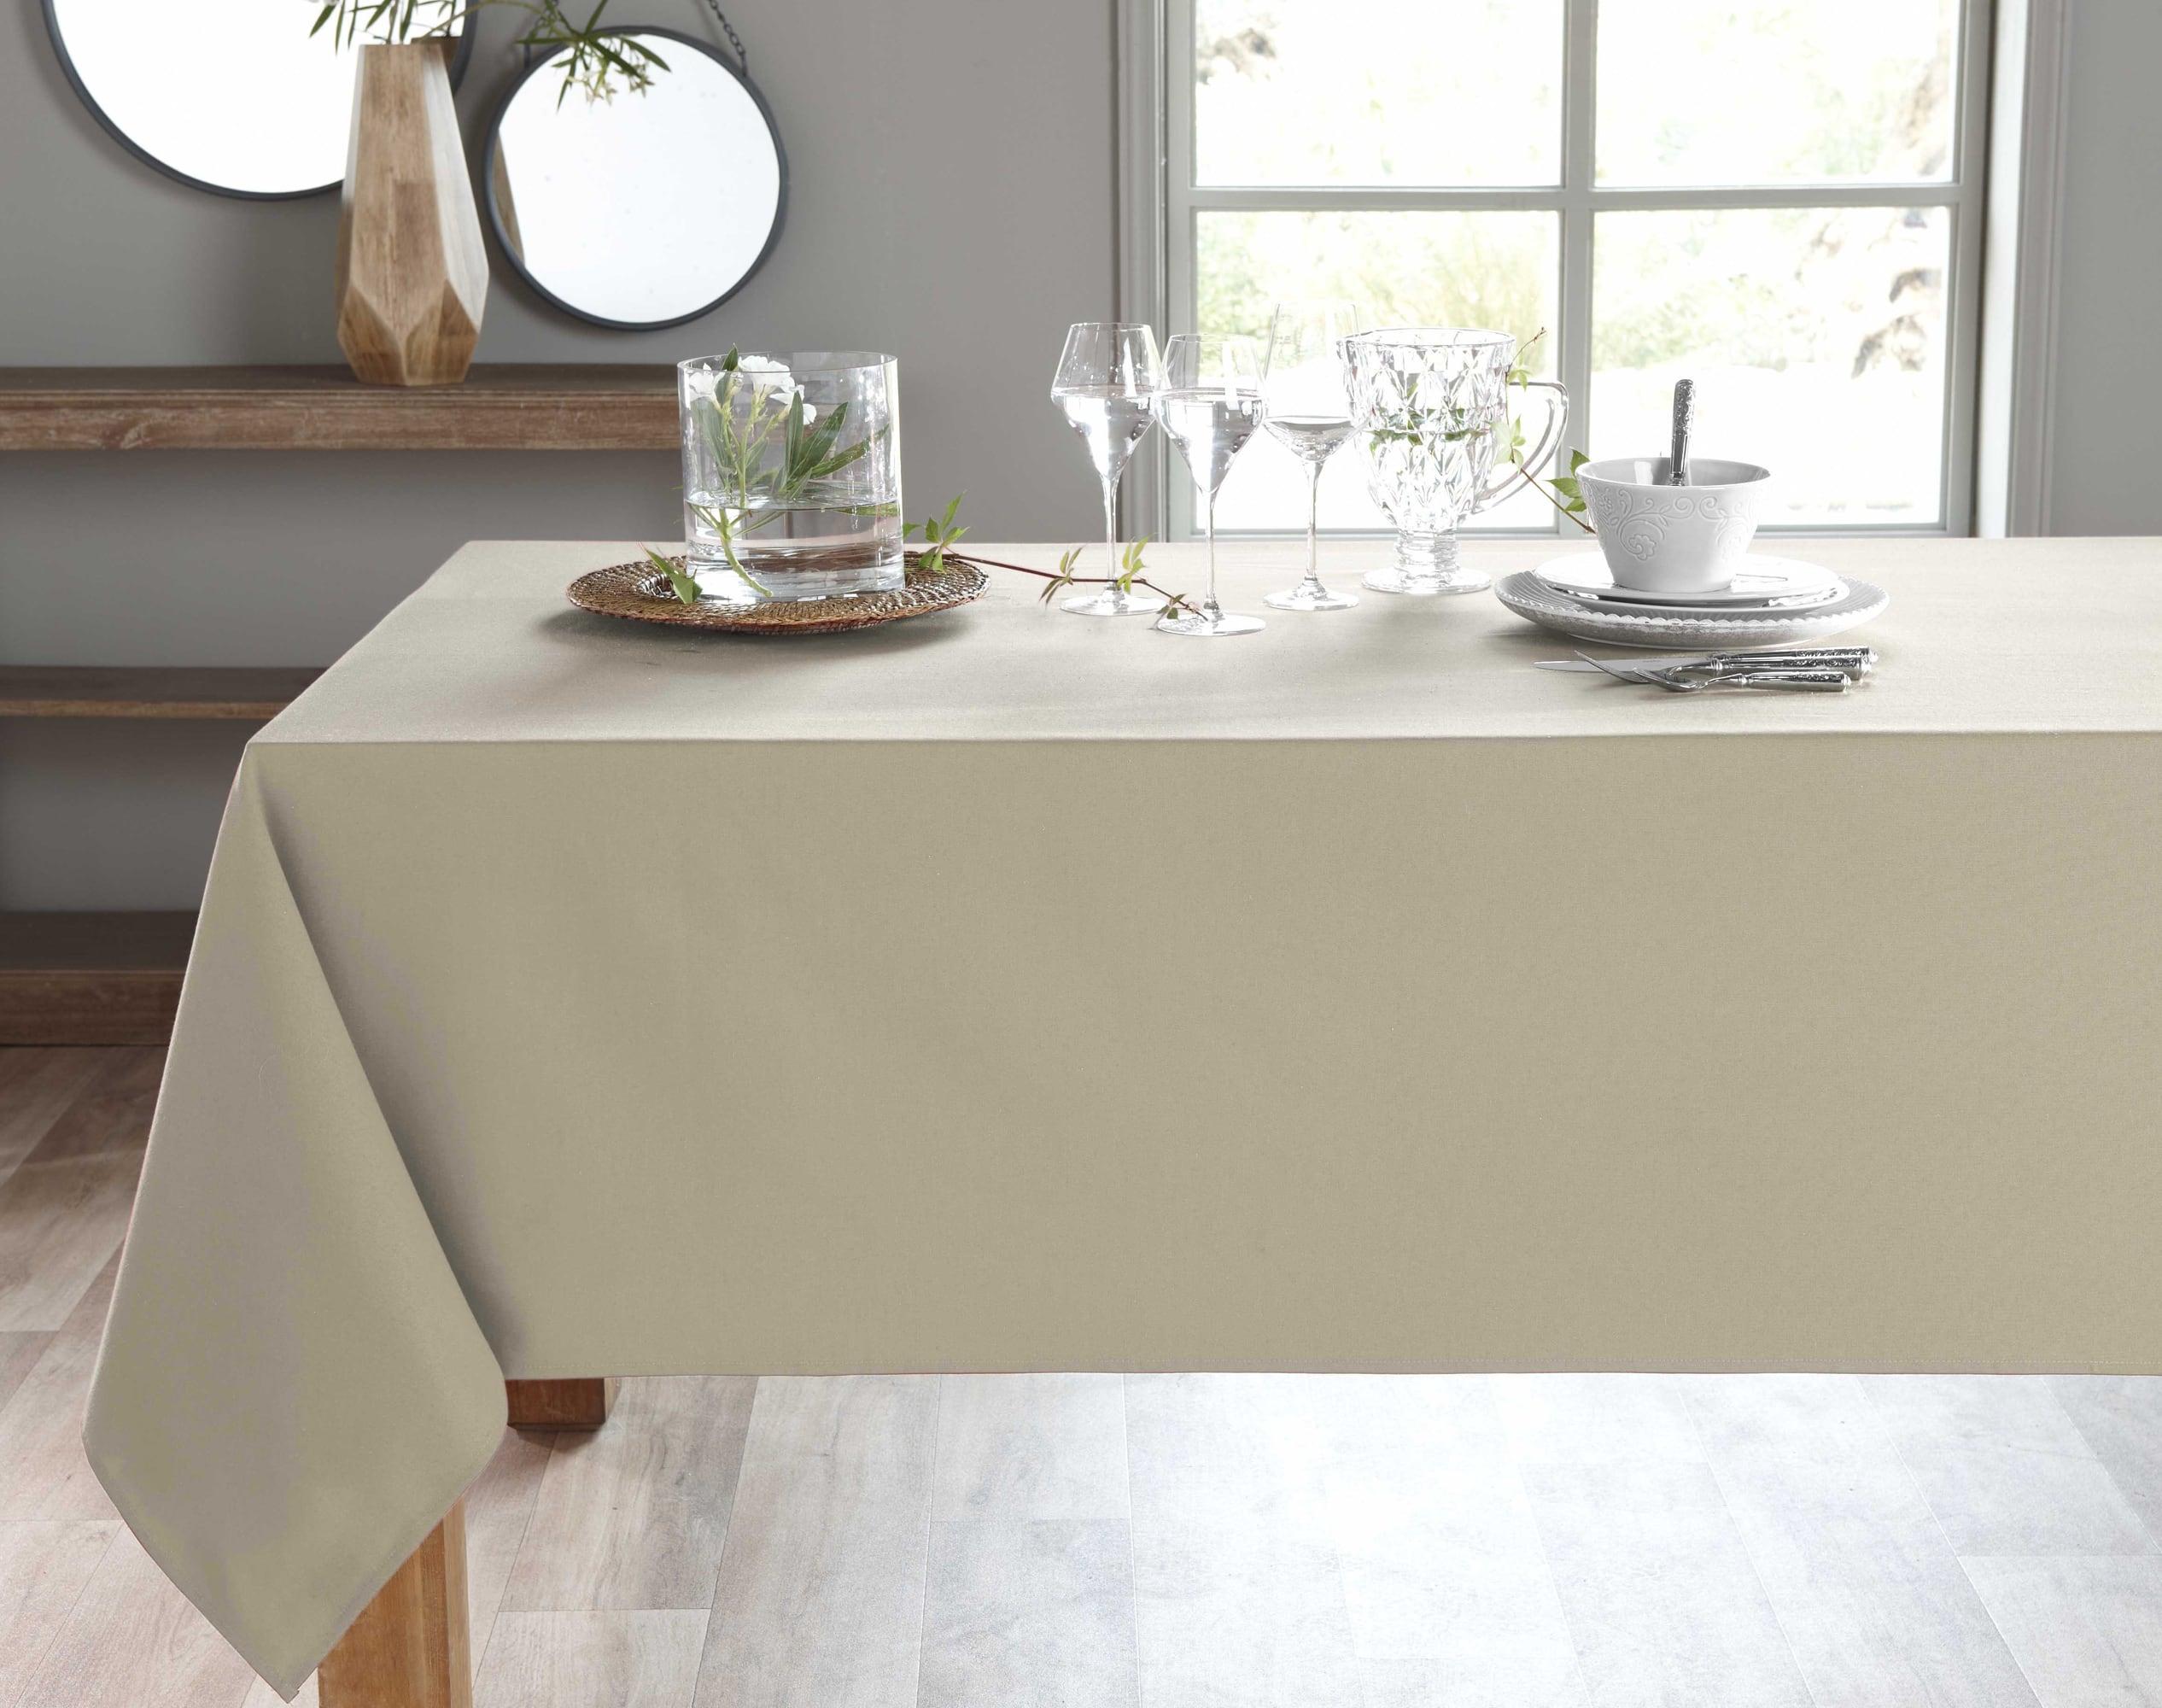 Nappe ronde beige en coton 180x180